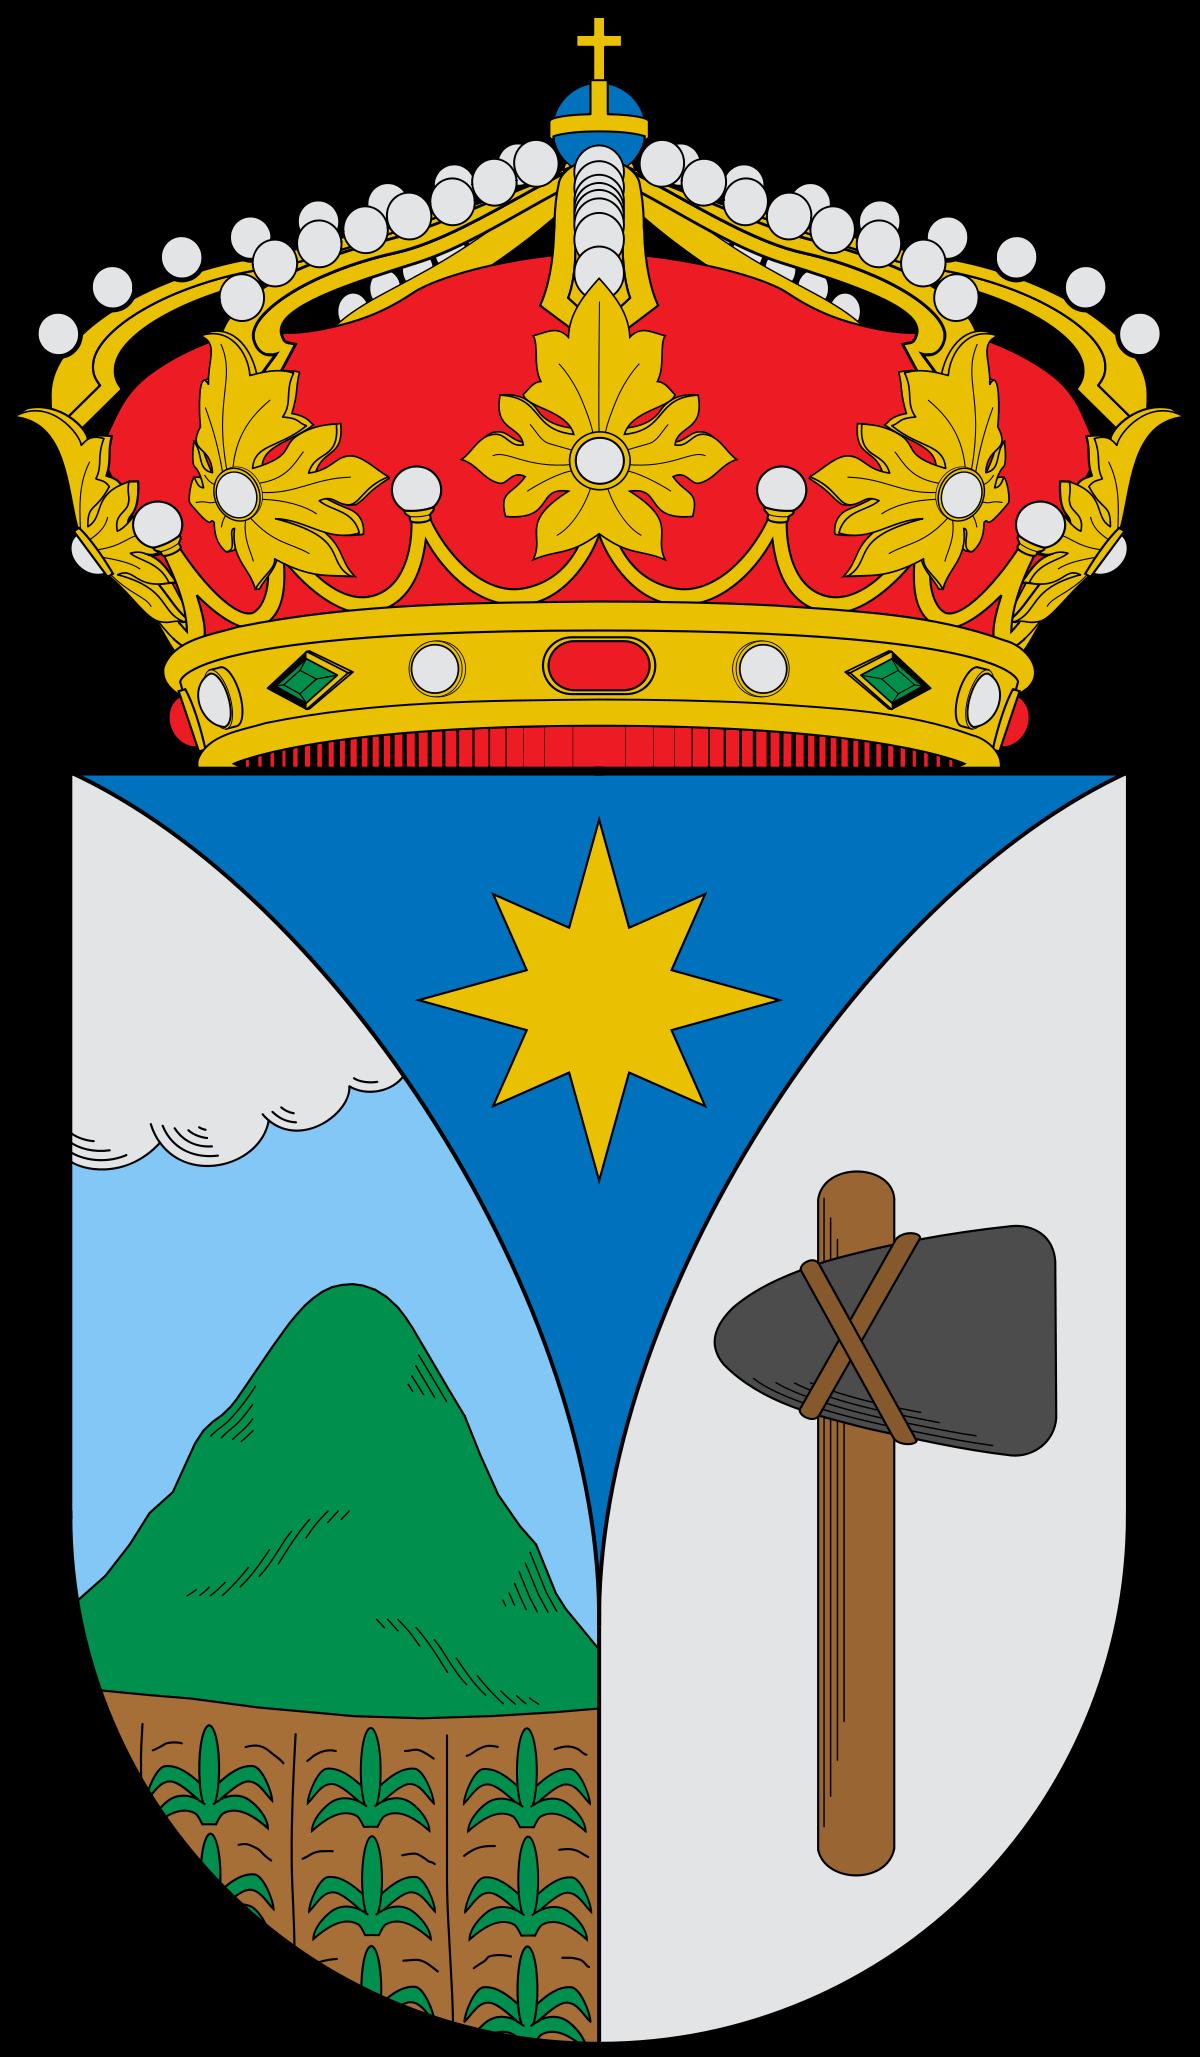 Municipio La estrella